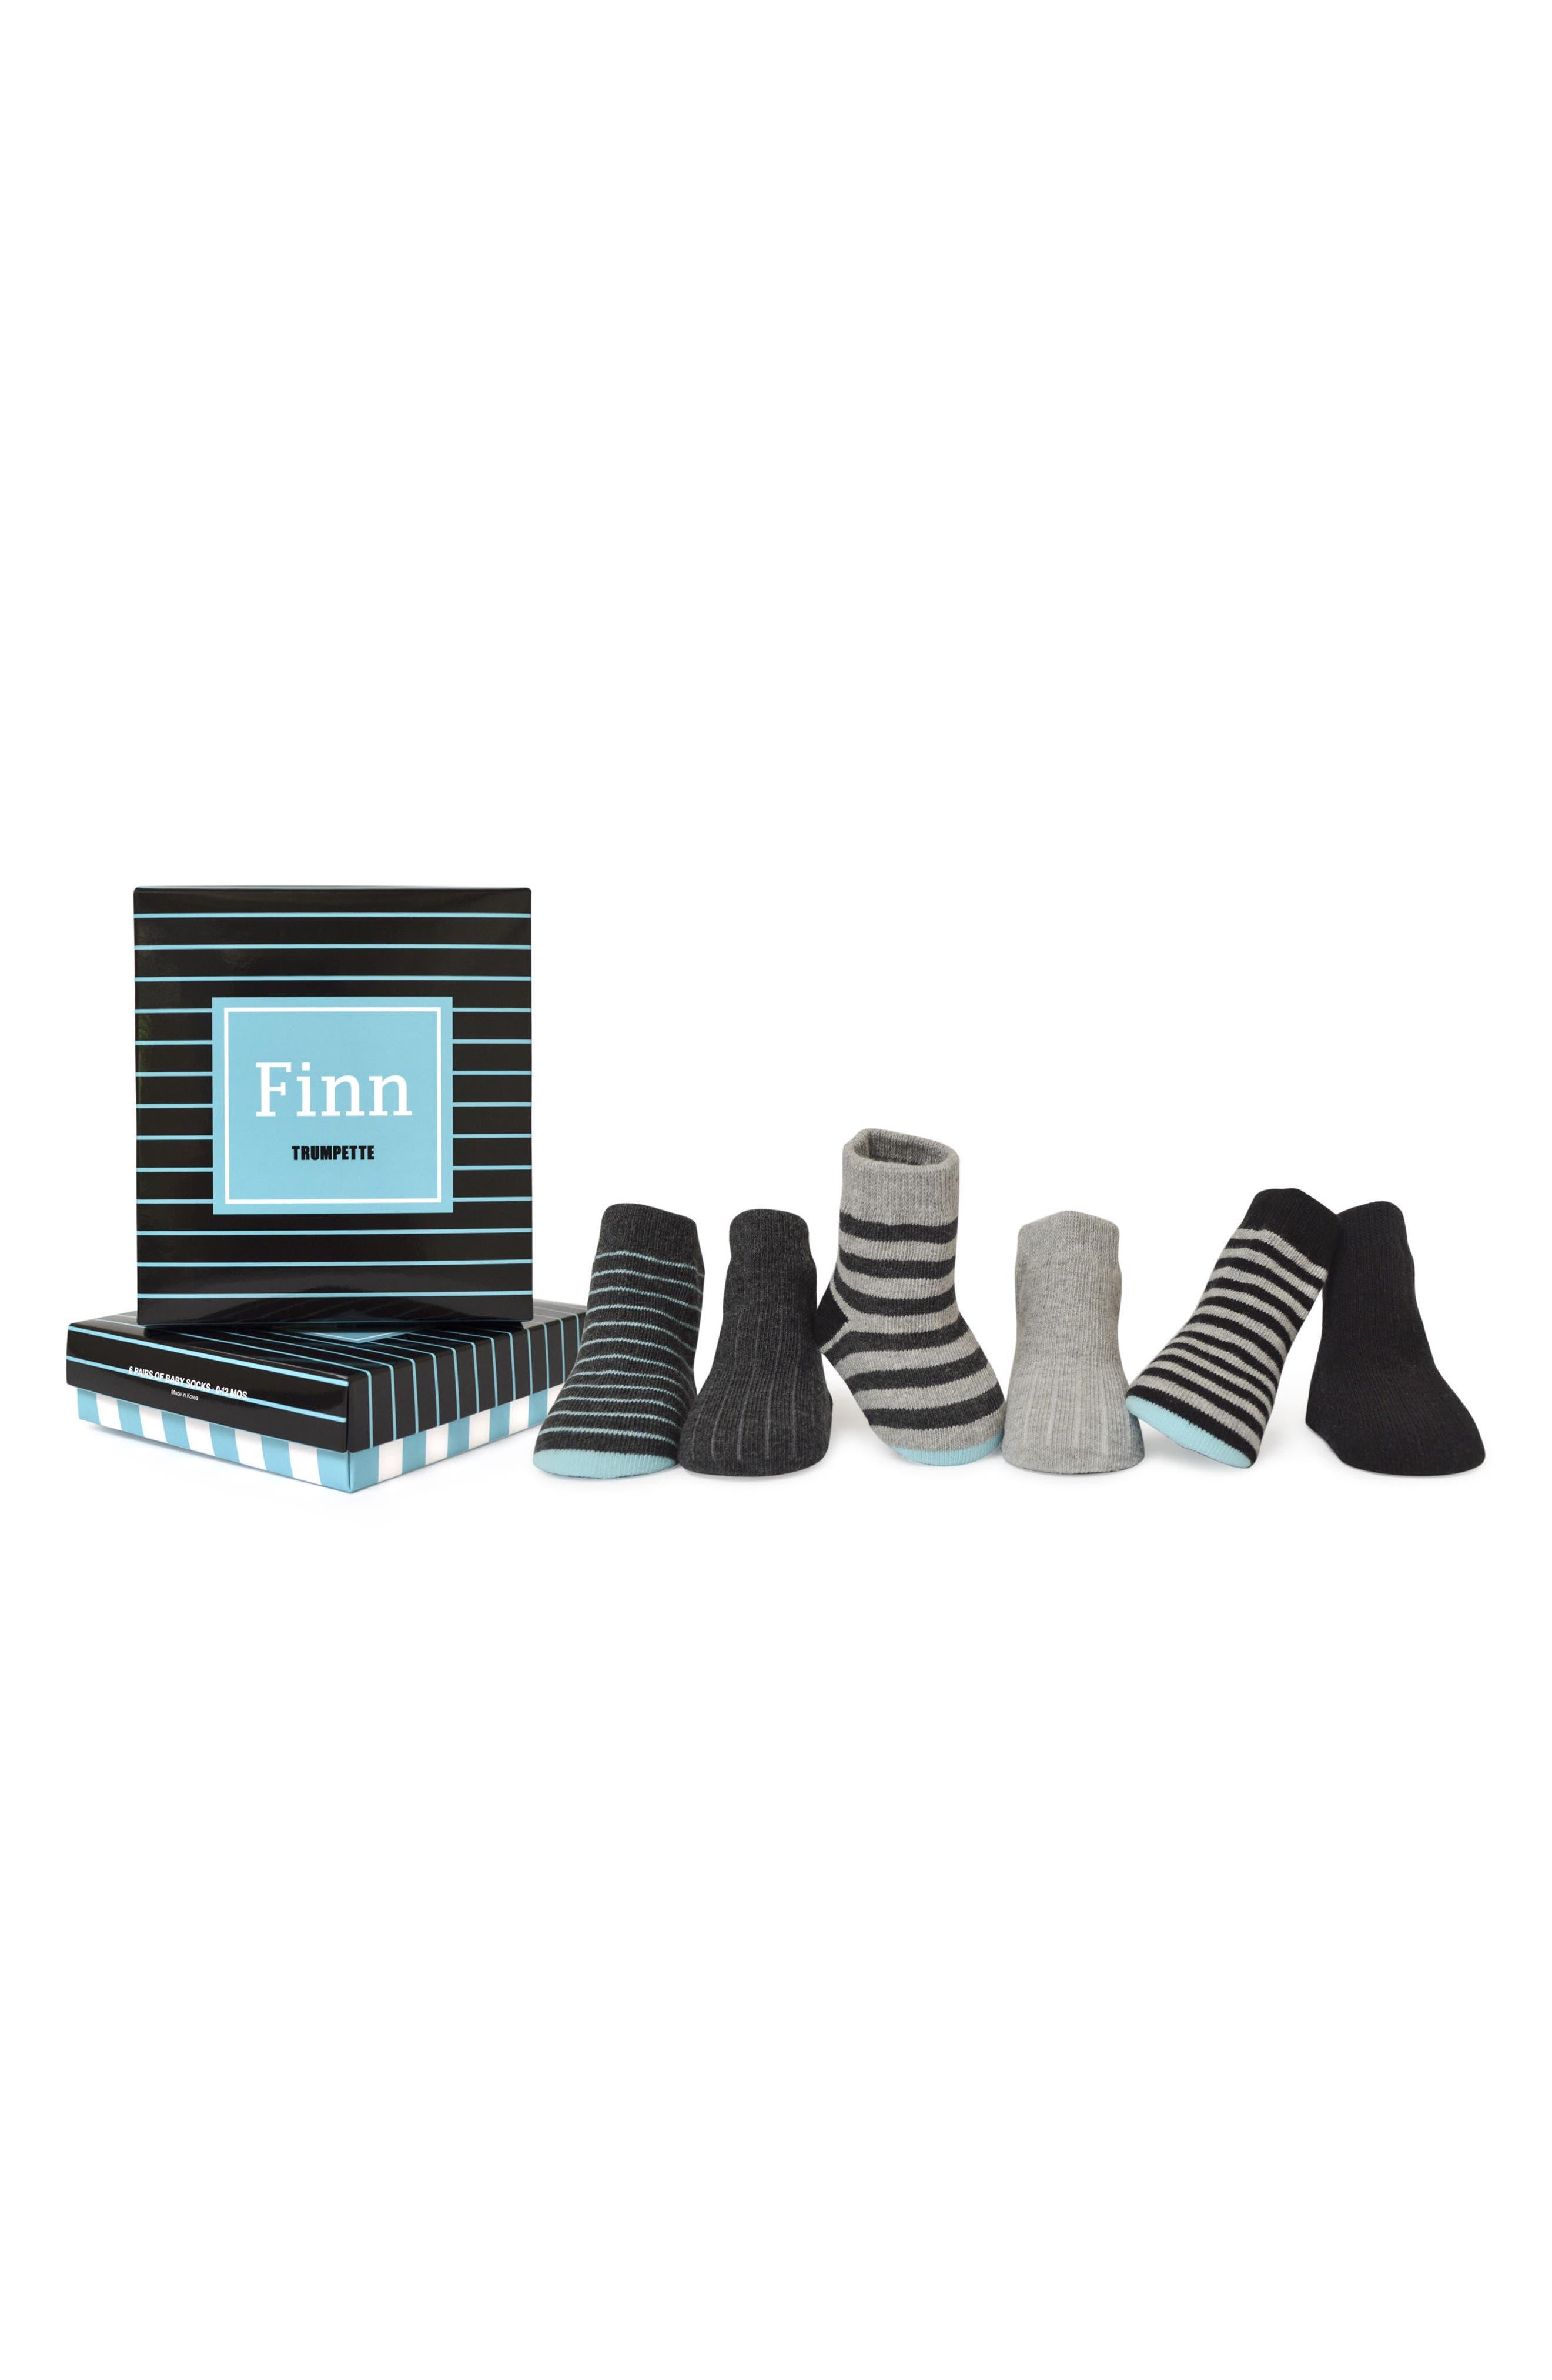 Finn 6-Pack Socks,                             Alternate thumbnail 3, color,                             Assorted